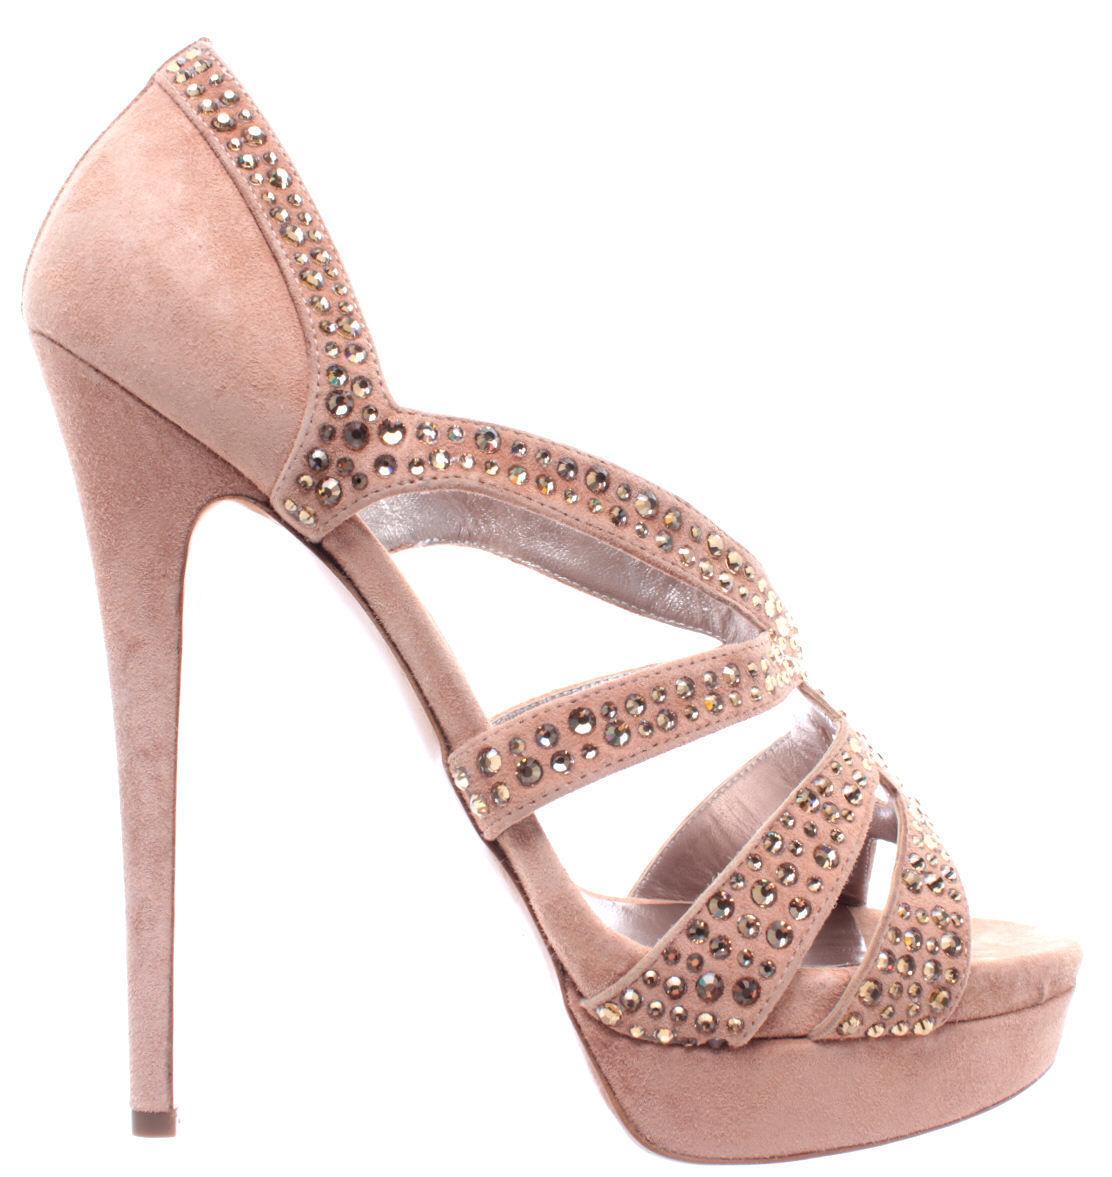 Chaussures Femmes Talons CASADEI Queen Suede Klio Klio Klio Beige Clair Strass Limited New 243d2b